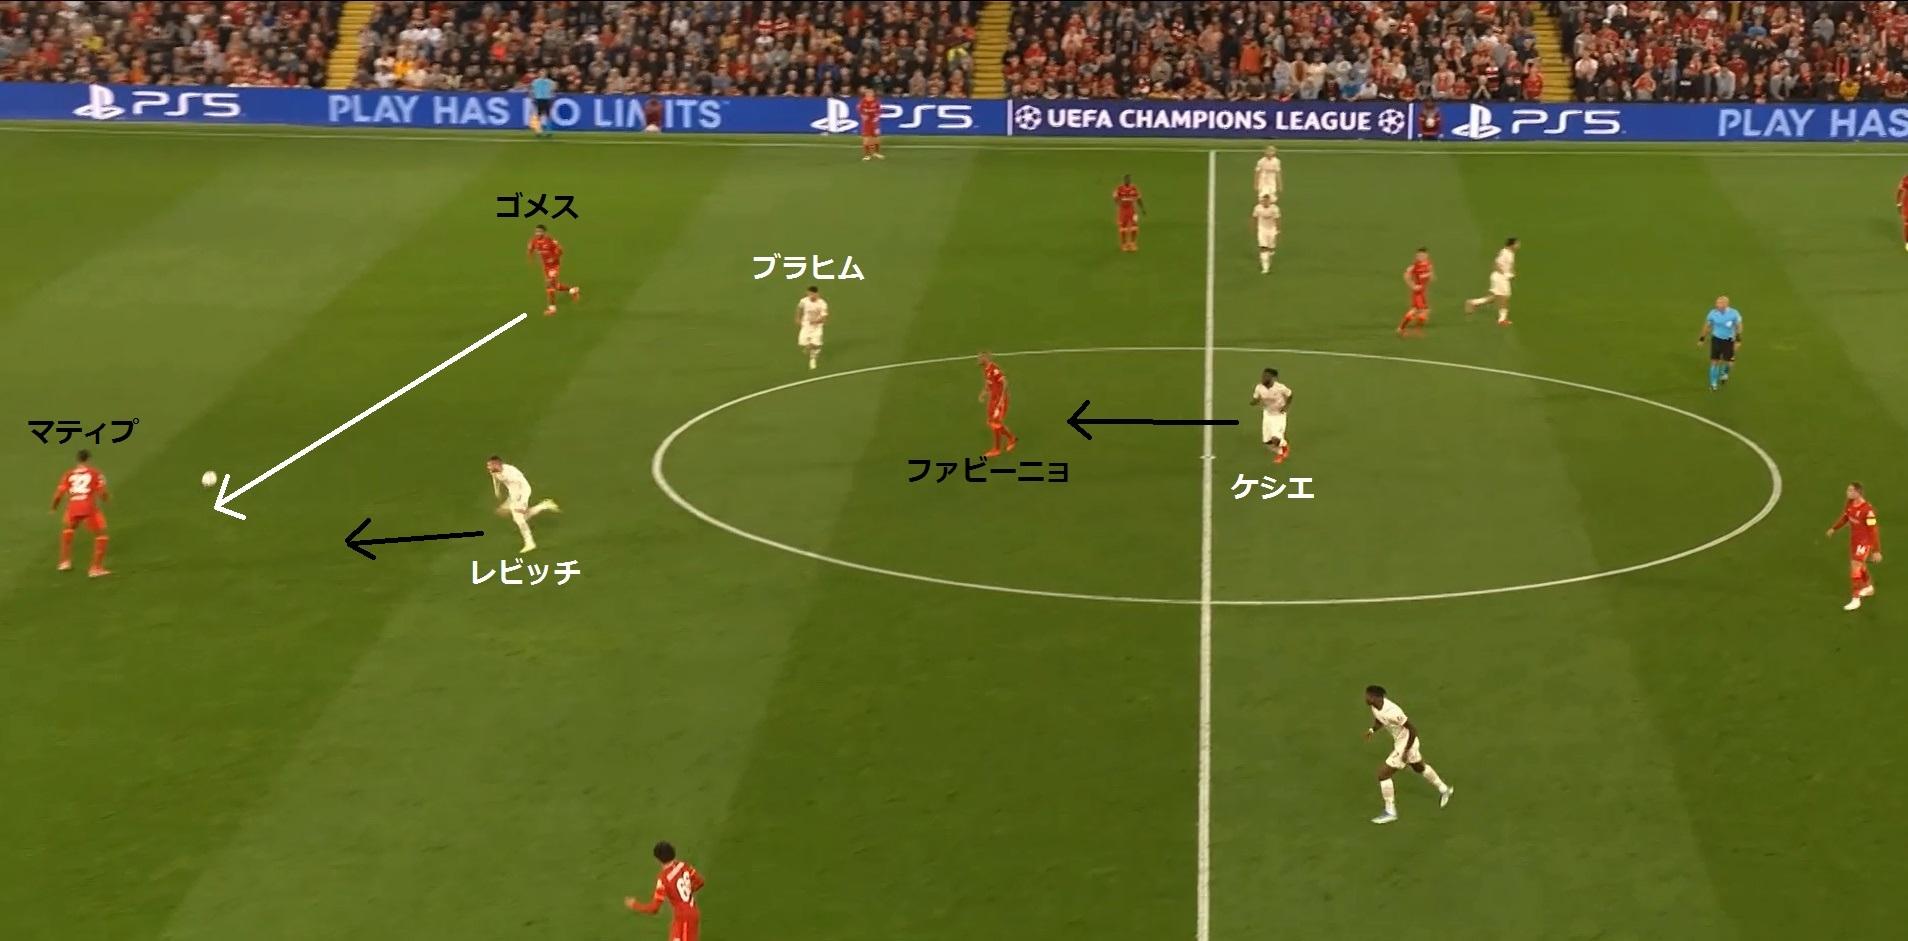 【21-22シーズン】リバプール対ミラン_戦術分析18